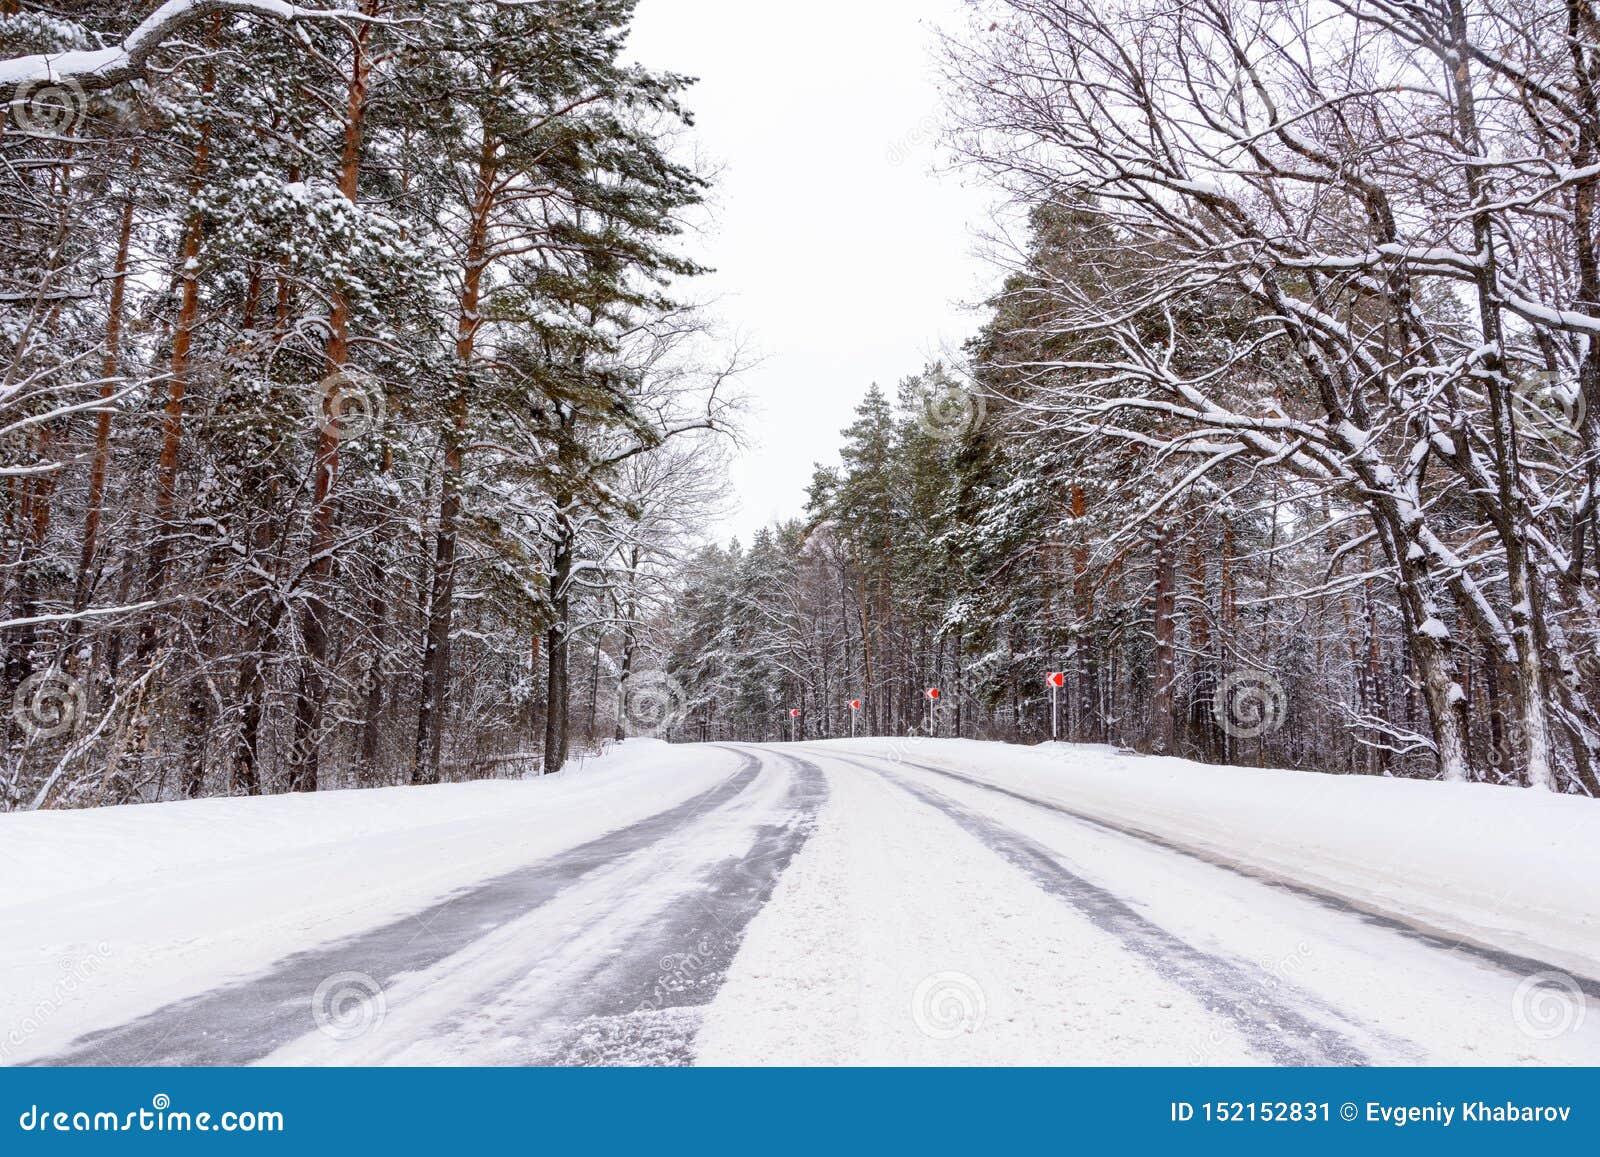 Σχέδια στη χειμερινή εθνική οδό υπό μορφή τεσσάρων ευθειών γραμμών Χιονώδης δρόμος στο υπόβαθρο του χιονισμένου δάσους